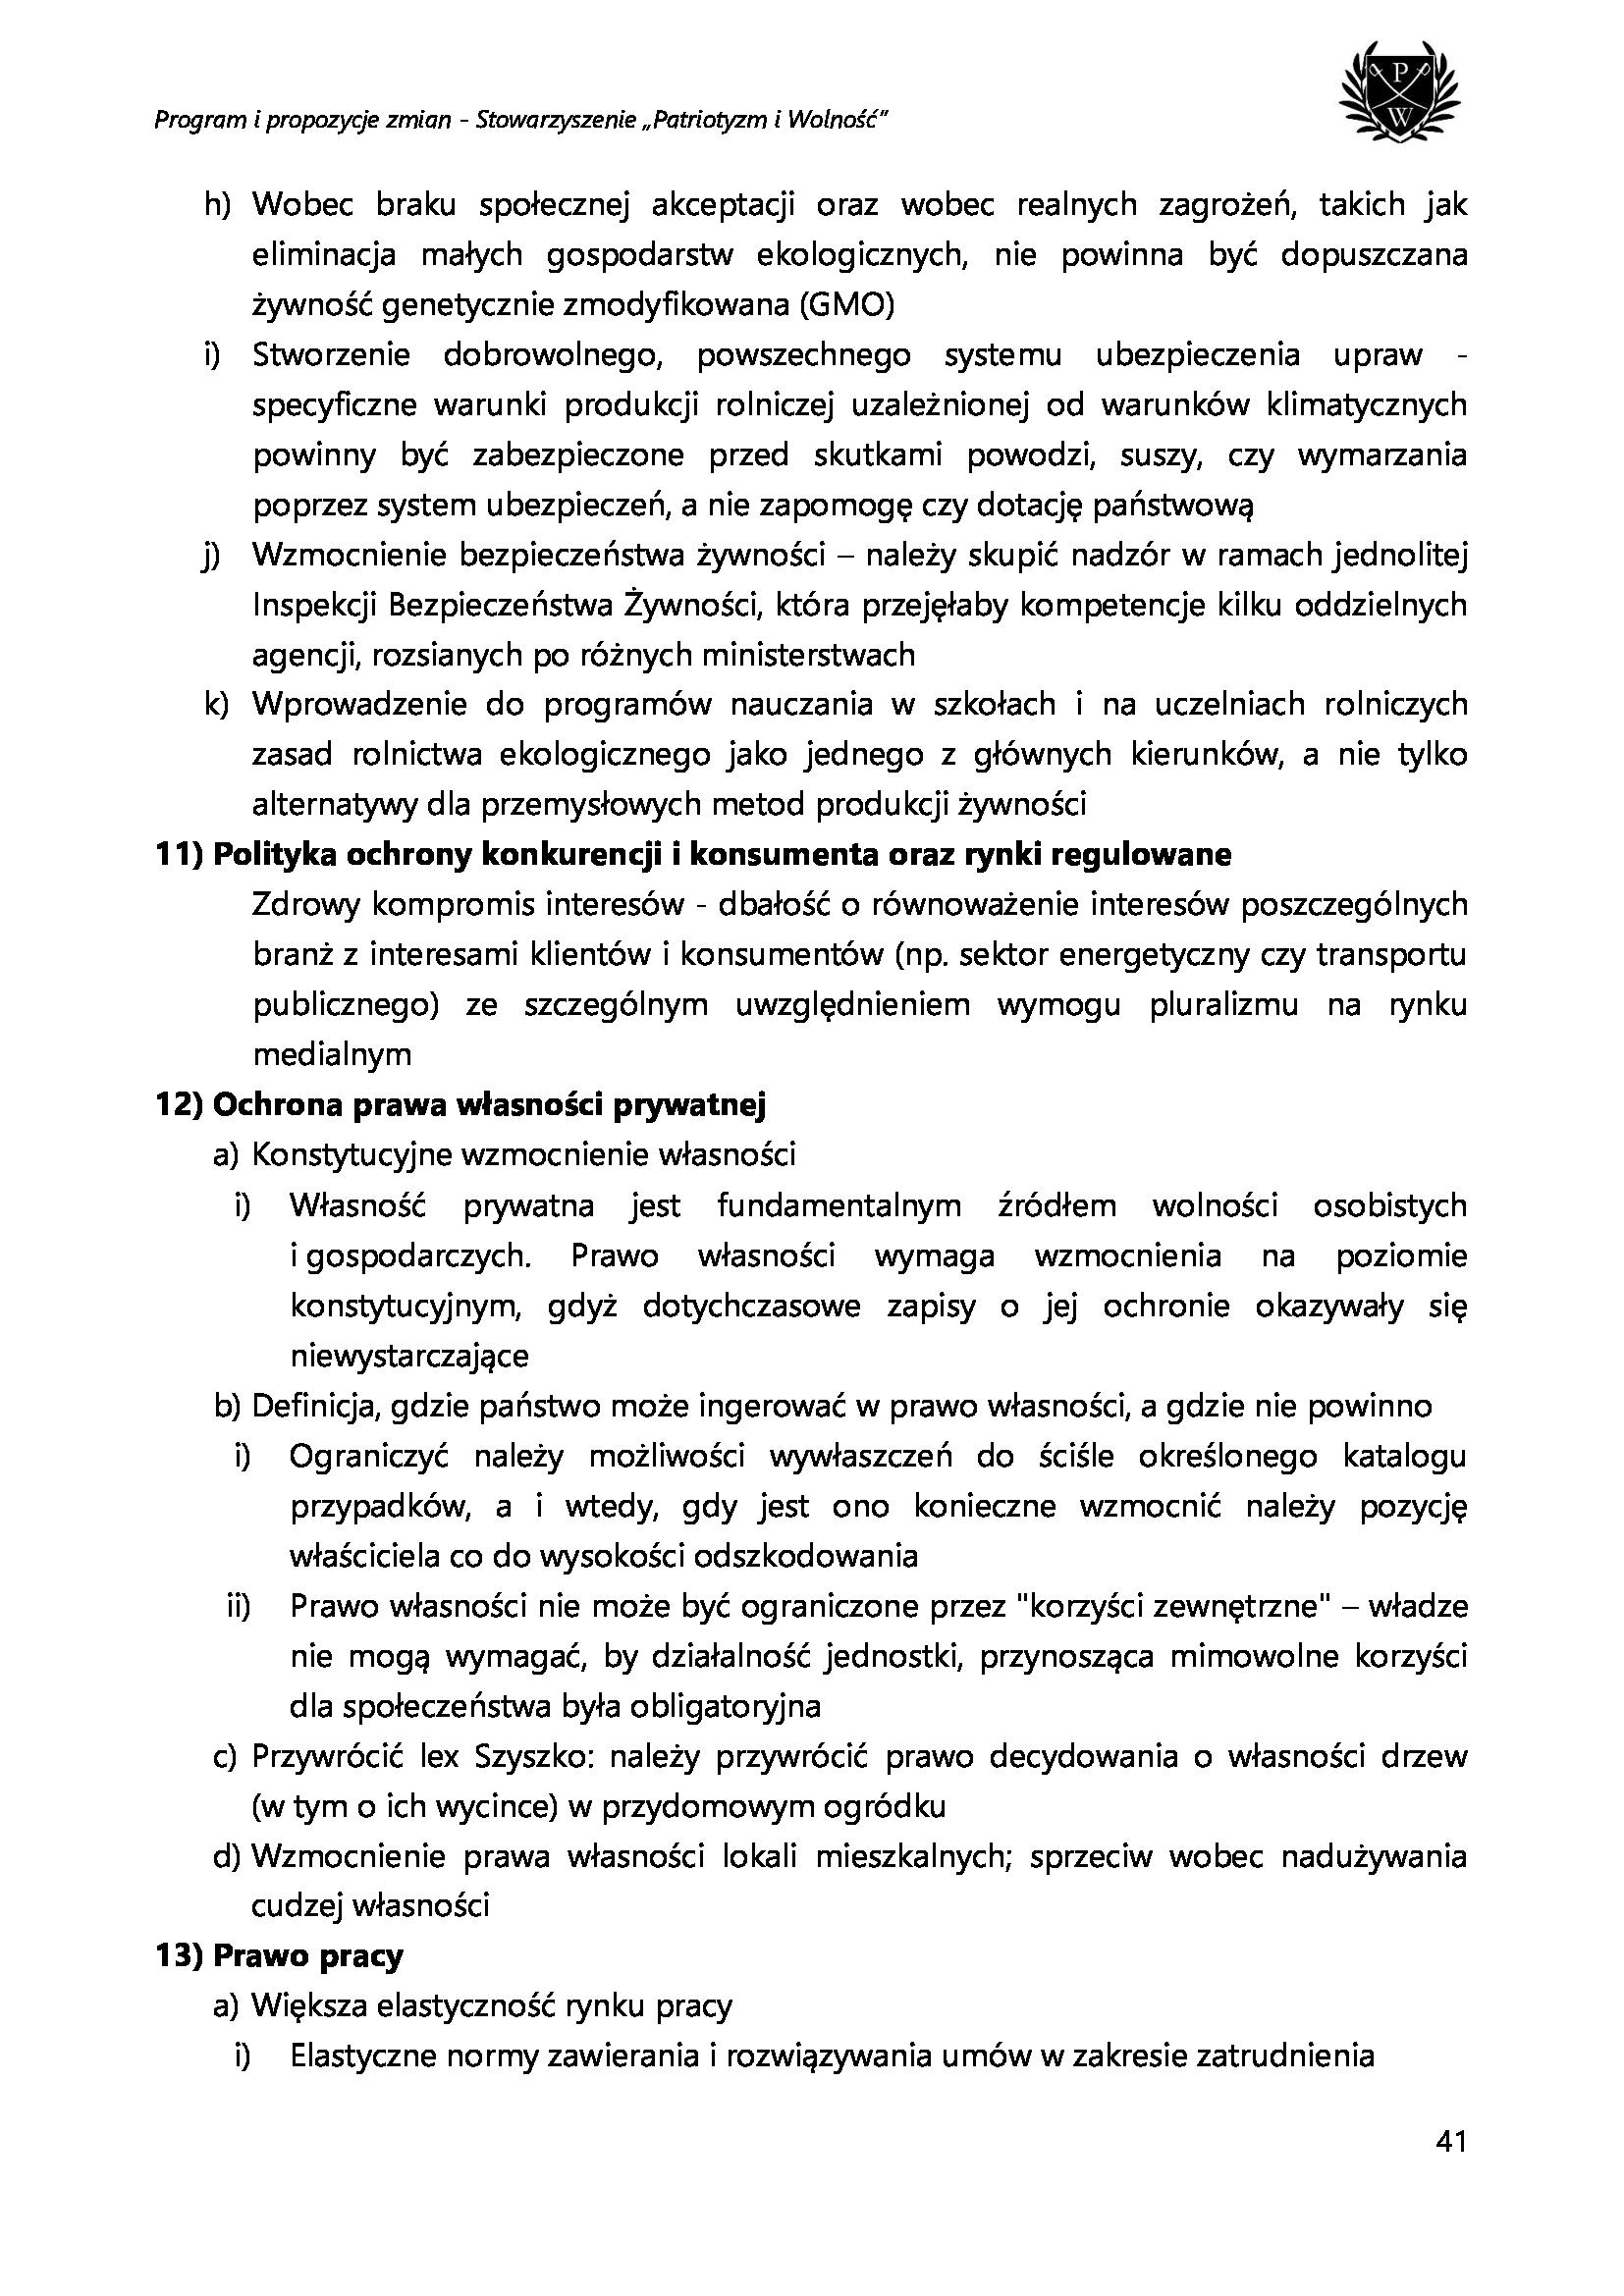 db9e272ef5a9a2e66d26f1905be6c507-41